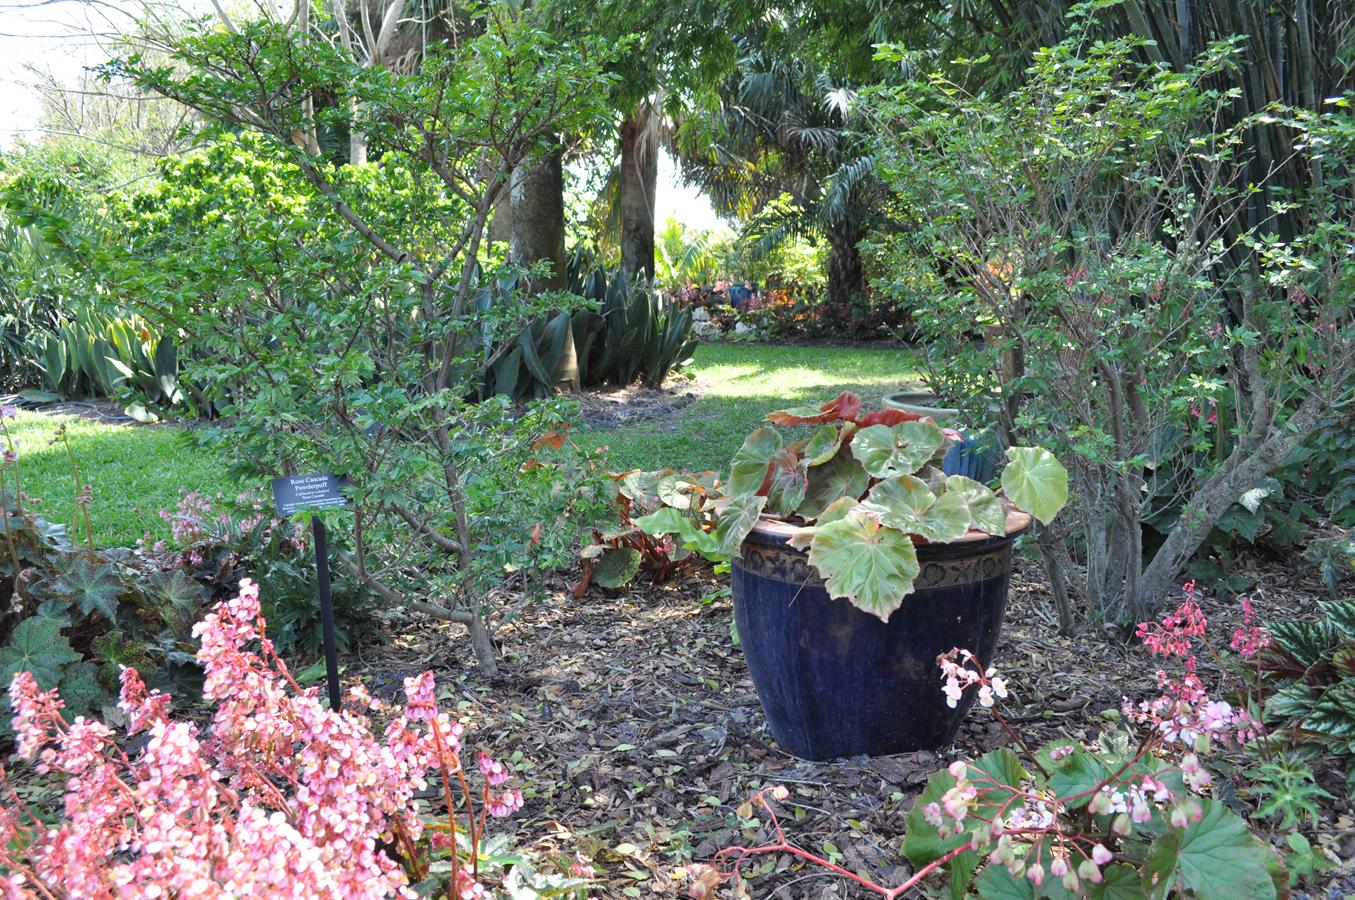 Begonia Garden Mounts Botanical Garden Of Palm Beach County